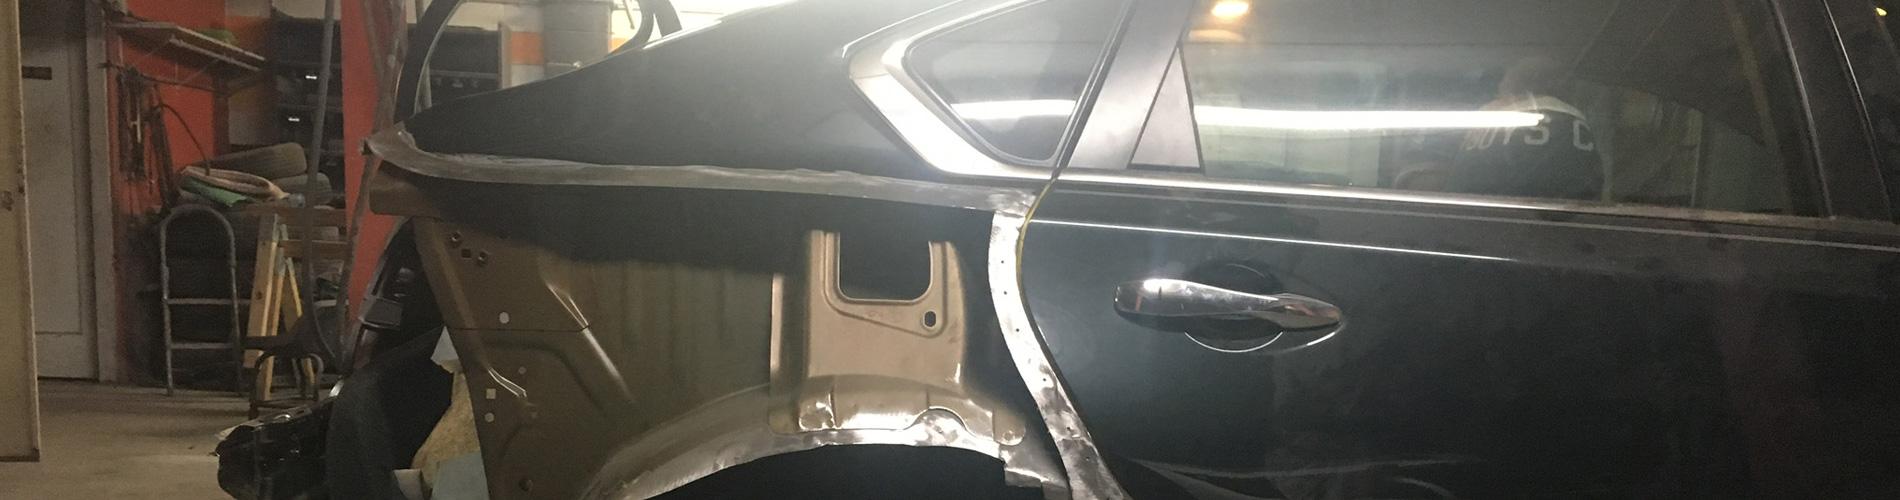 Auto Body Repair O'Fallon IL